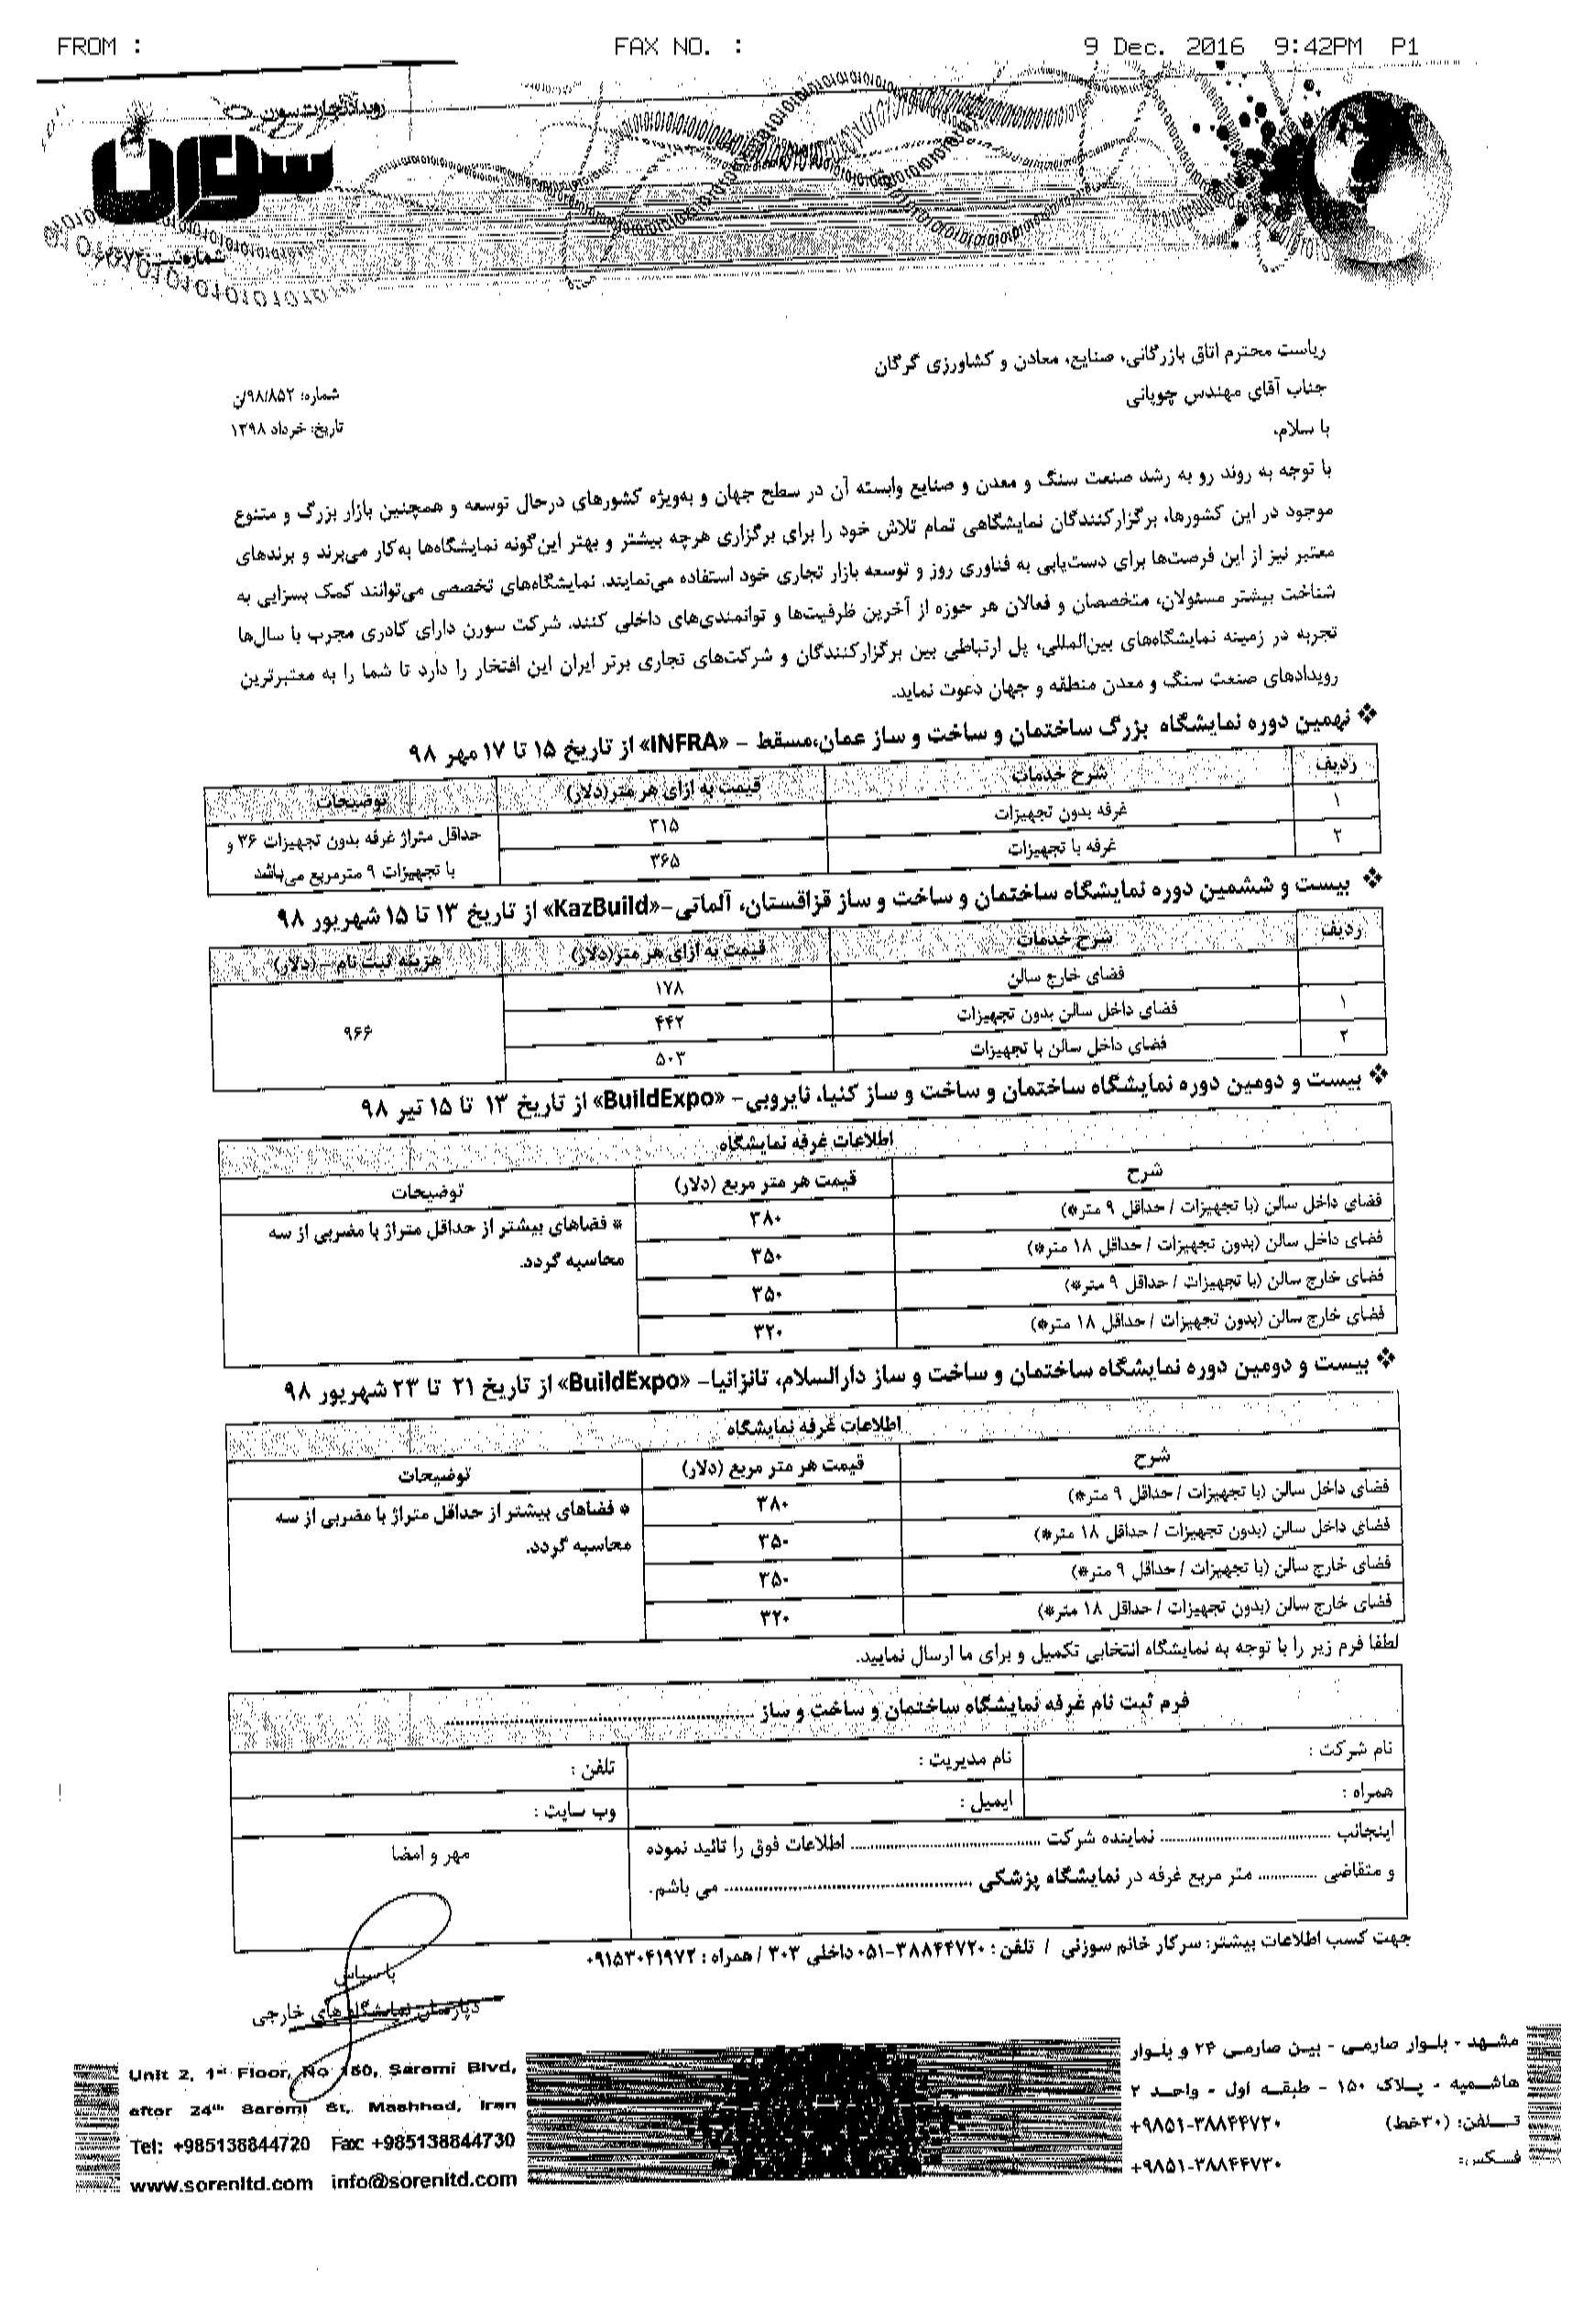 نمایشگاه ساختمان و ساخت و ساز عمان مسقط مهر 98 و آلماتی قزاقستان شهریور 98